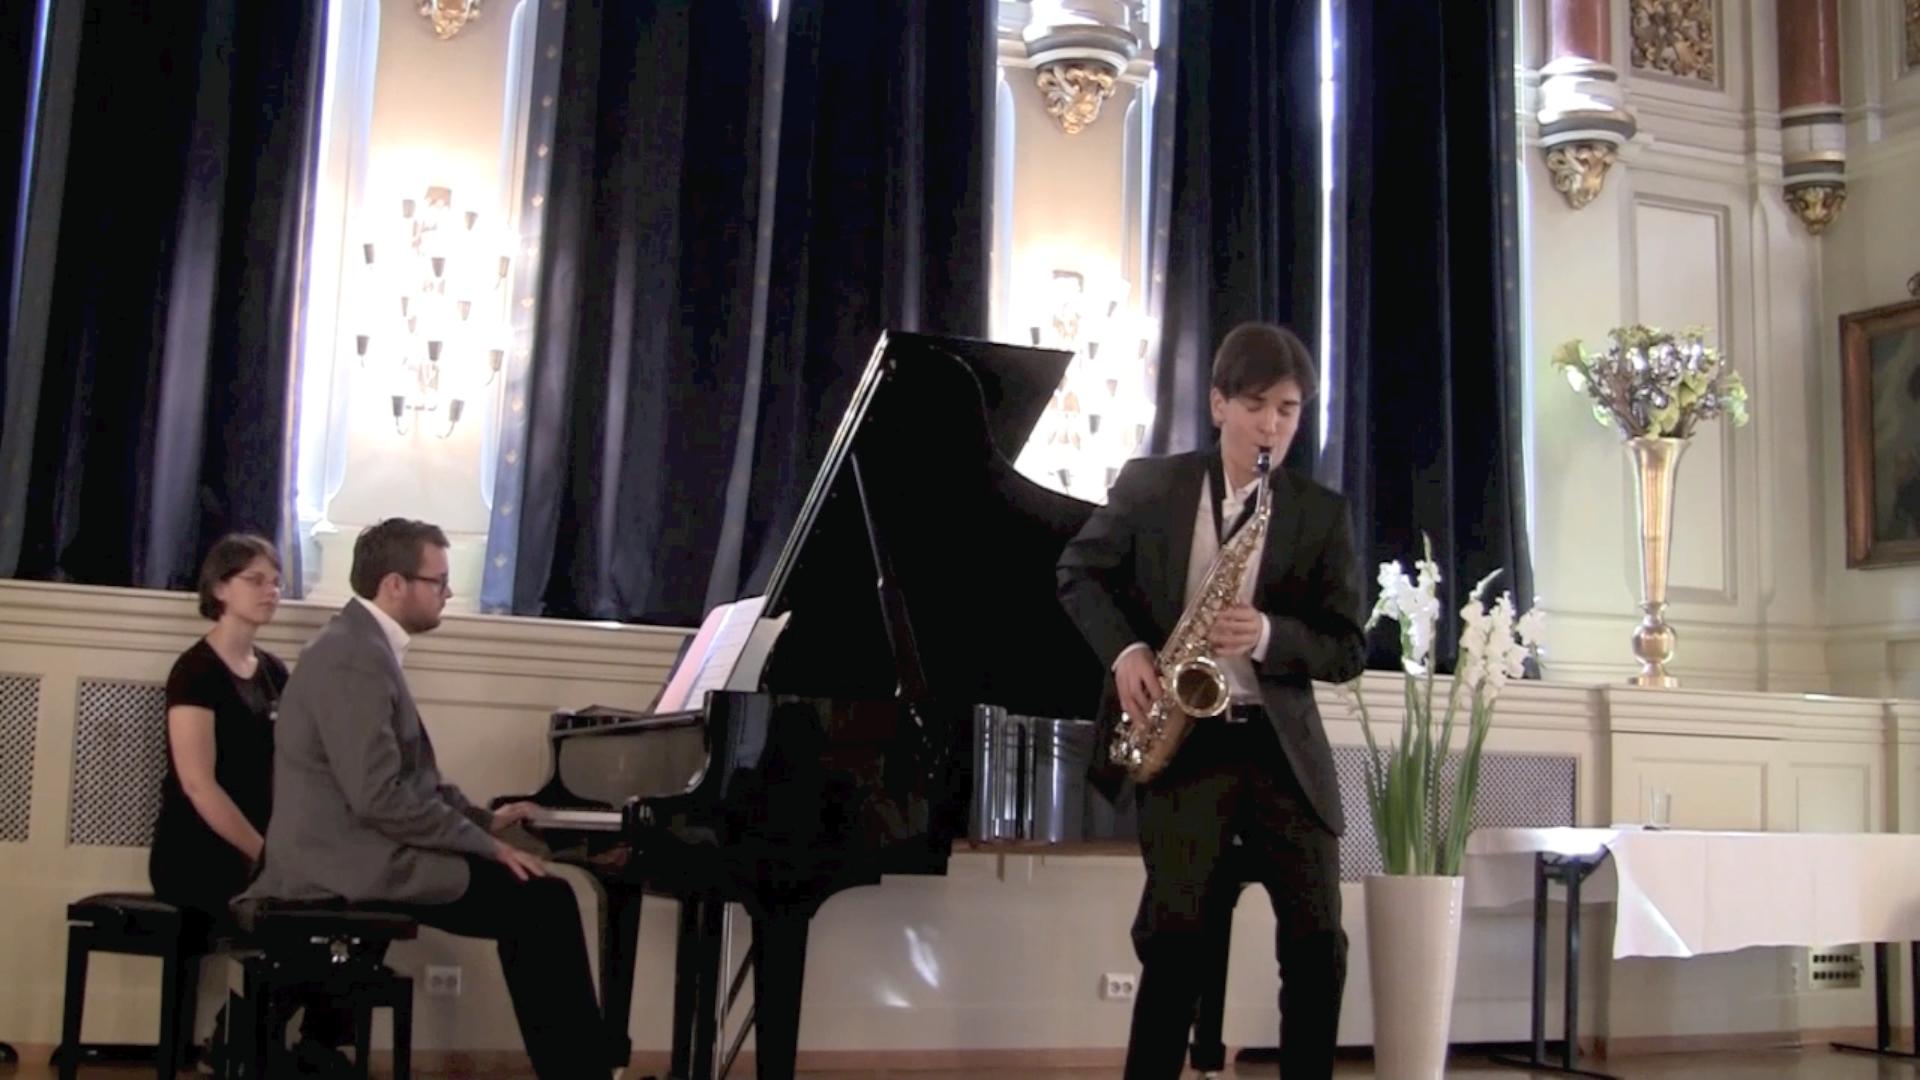 Oslo Kammermusikkfestival 2014, pianist Christian Grøvlen